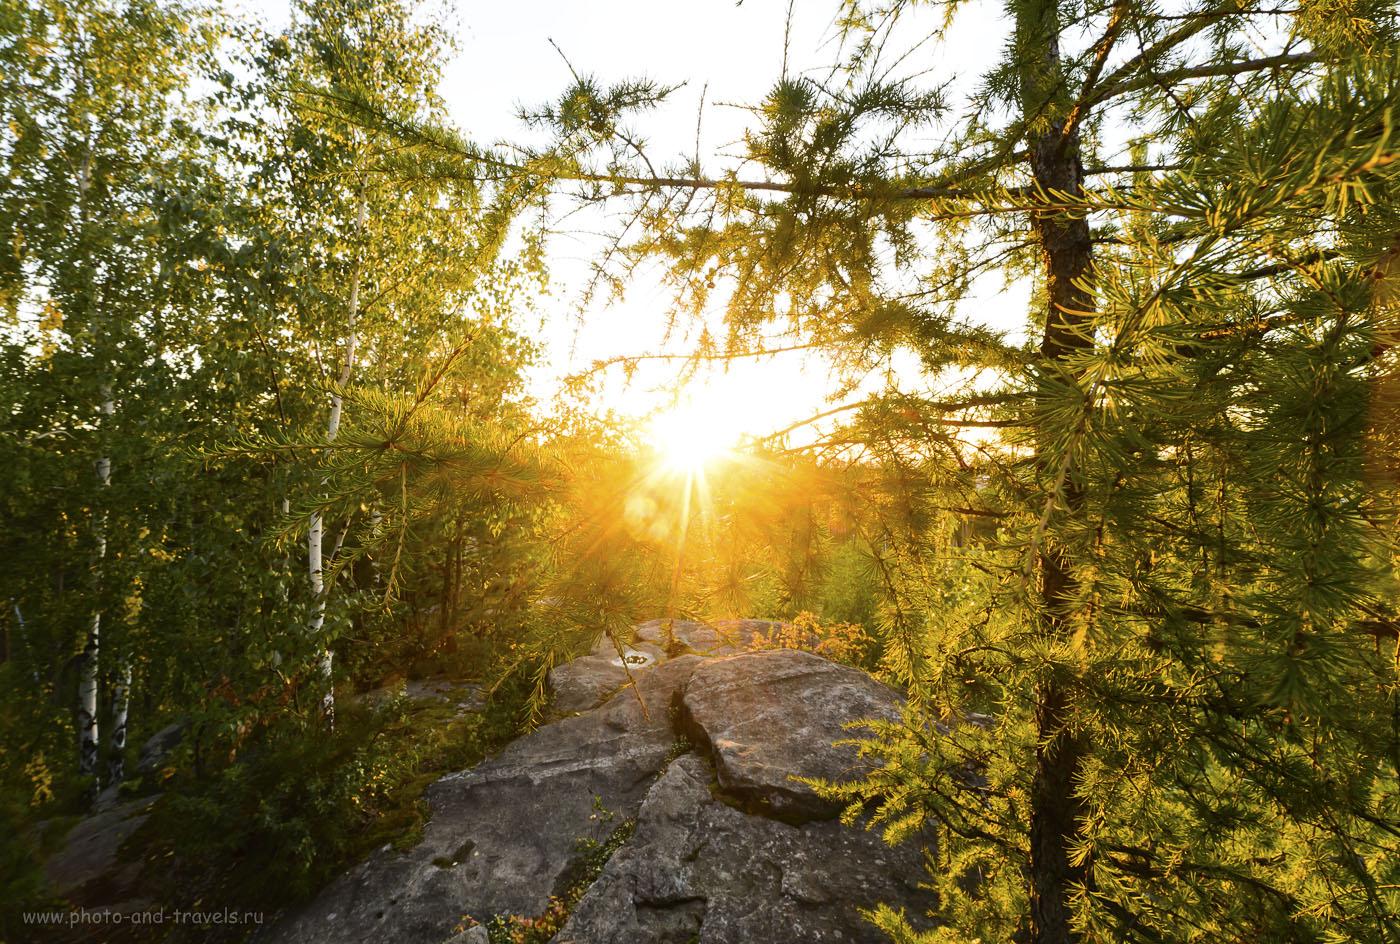 5. Ждем красивый закат на скалах Петра Гронского. Пешие походы в Свердловской области